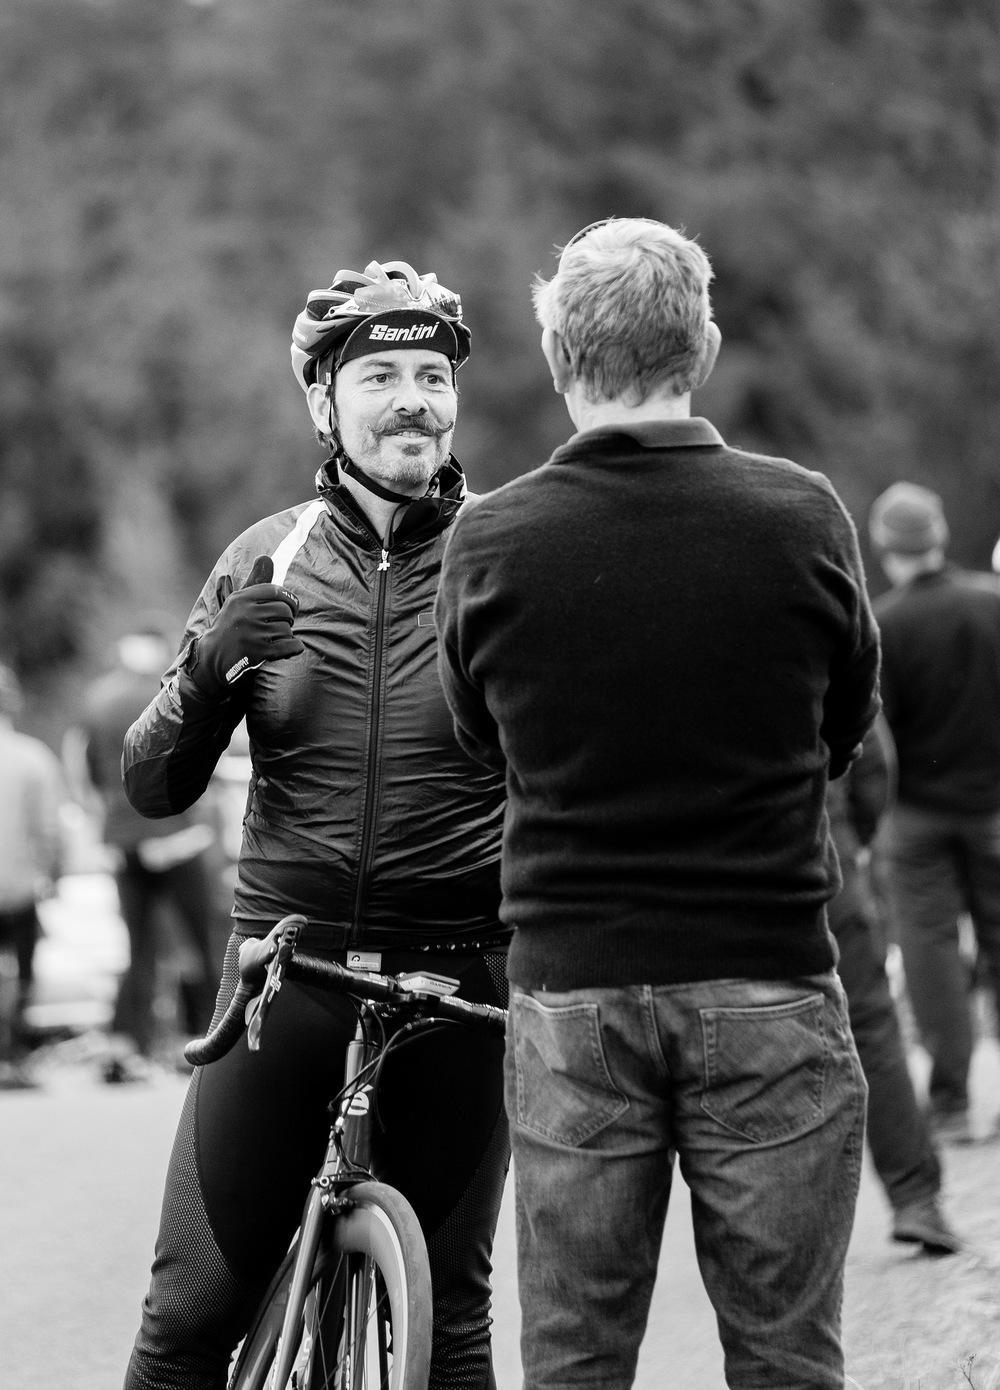 Tour de Yorkshire - Amateur